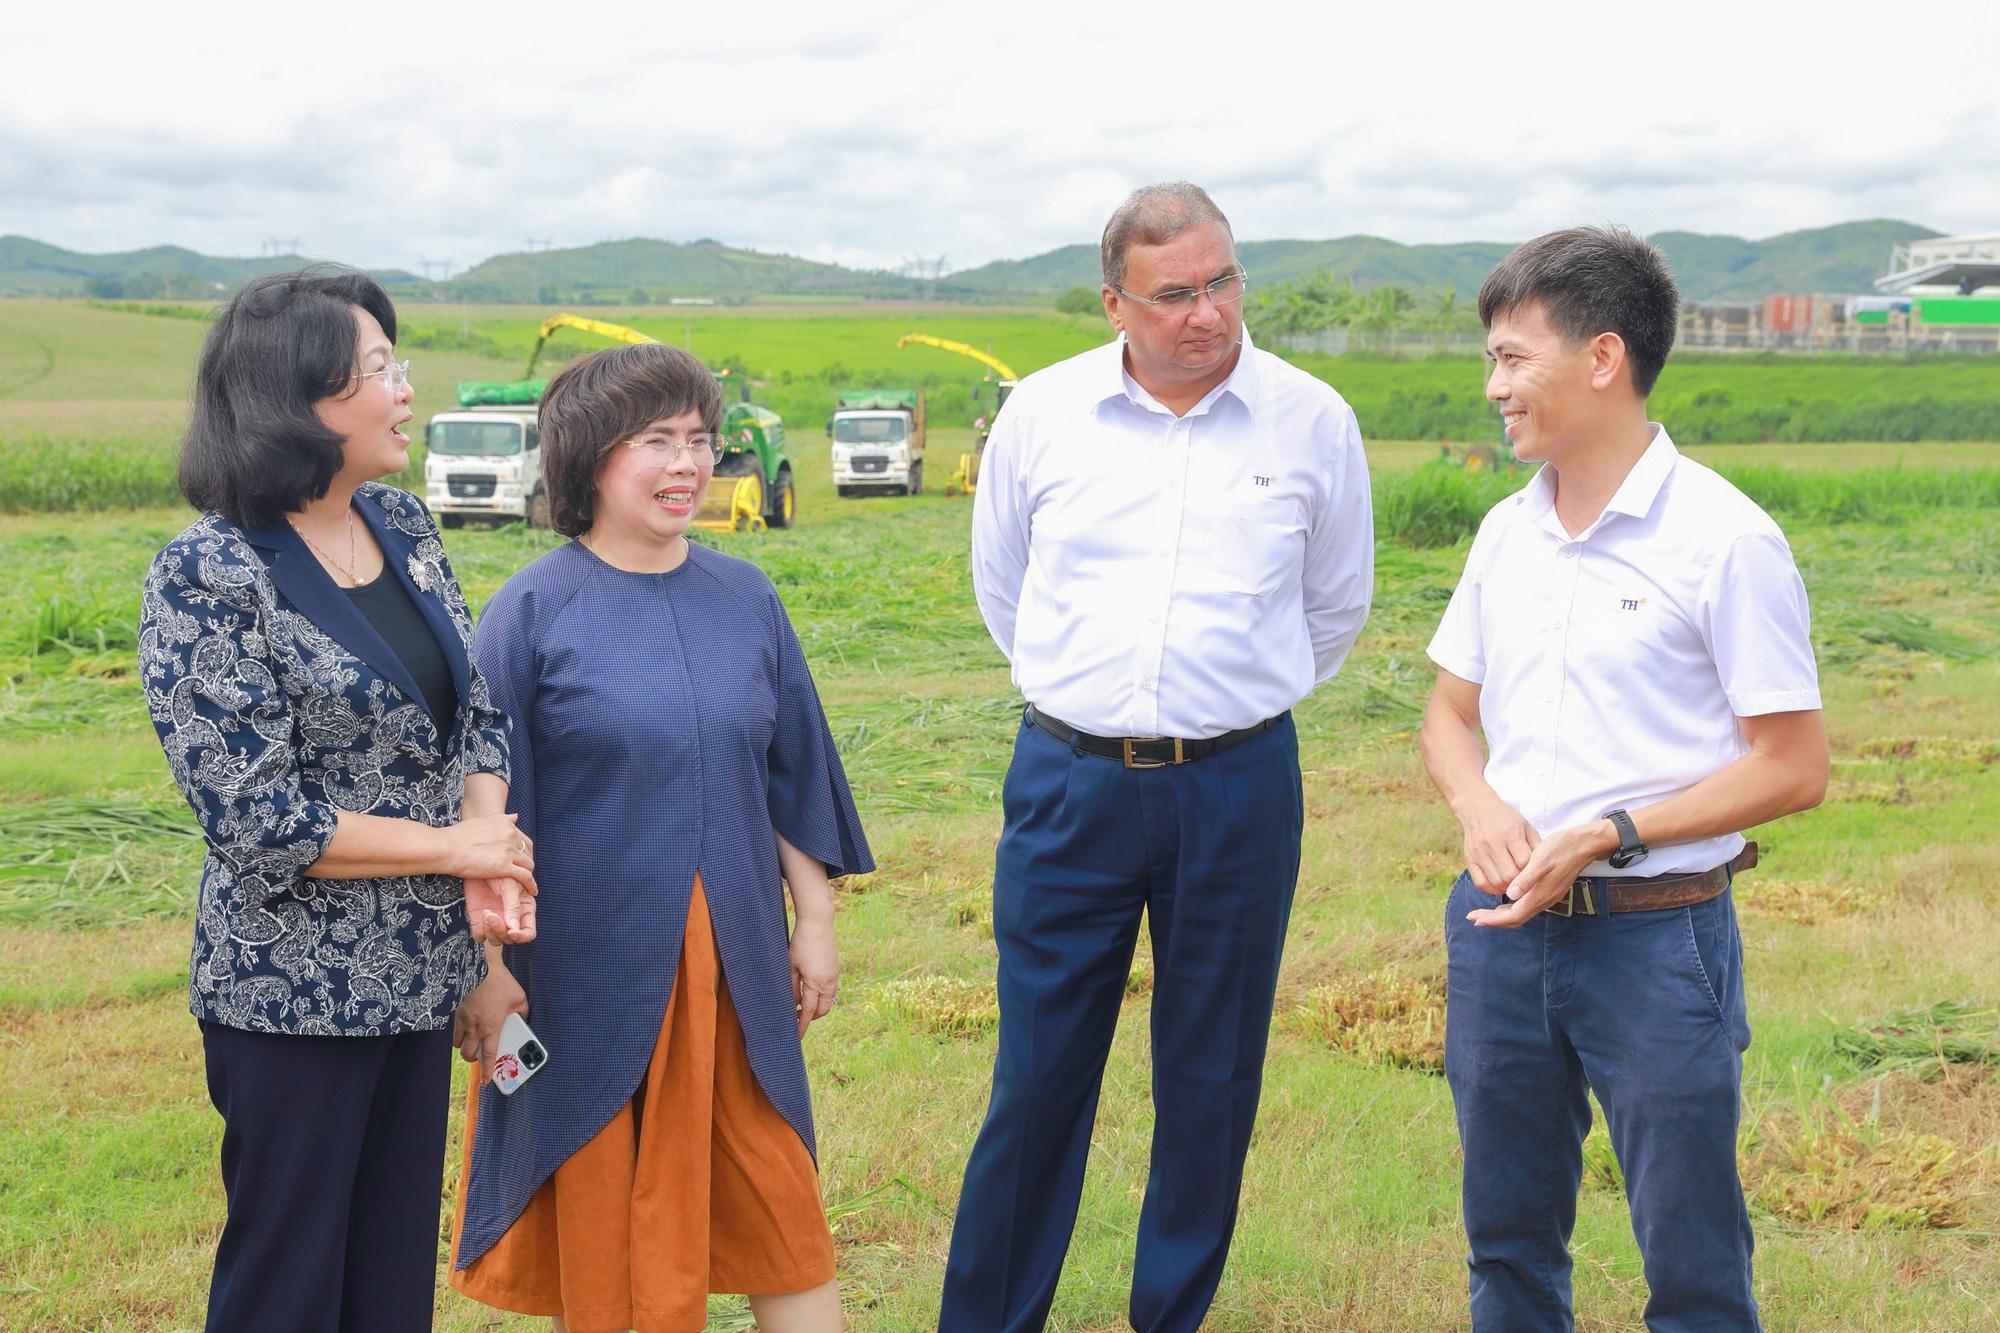 Phó Chủ tịch nước Đặng Thị Ngọc Thịnh ấn tượng với sự tăng trưởng thần kỳ ở vùng Phủ Quỳ - Ảnh 3.